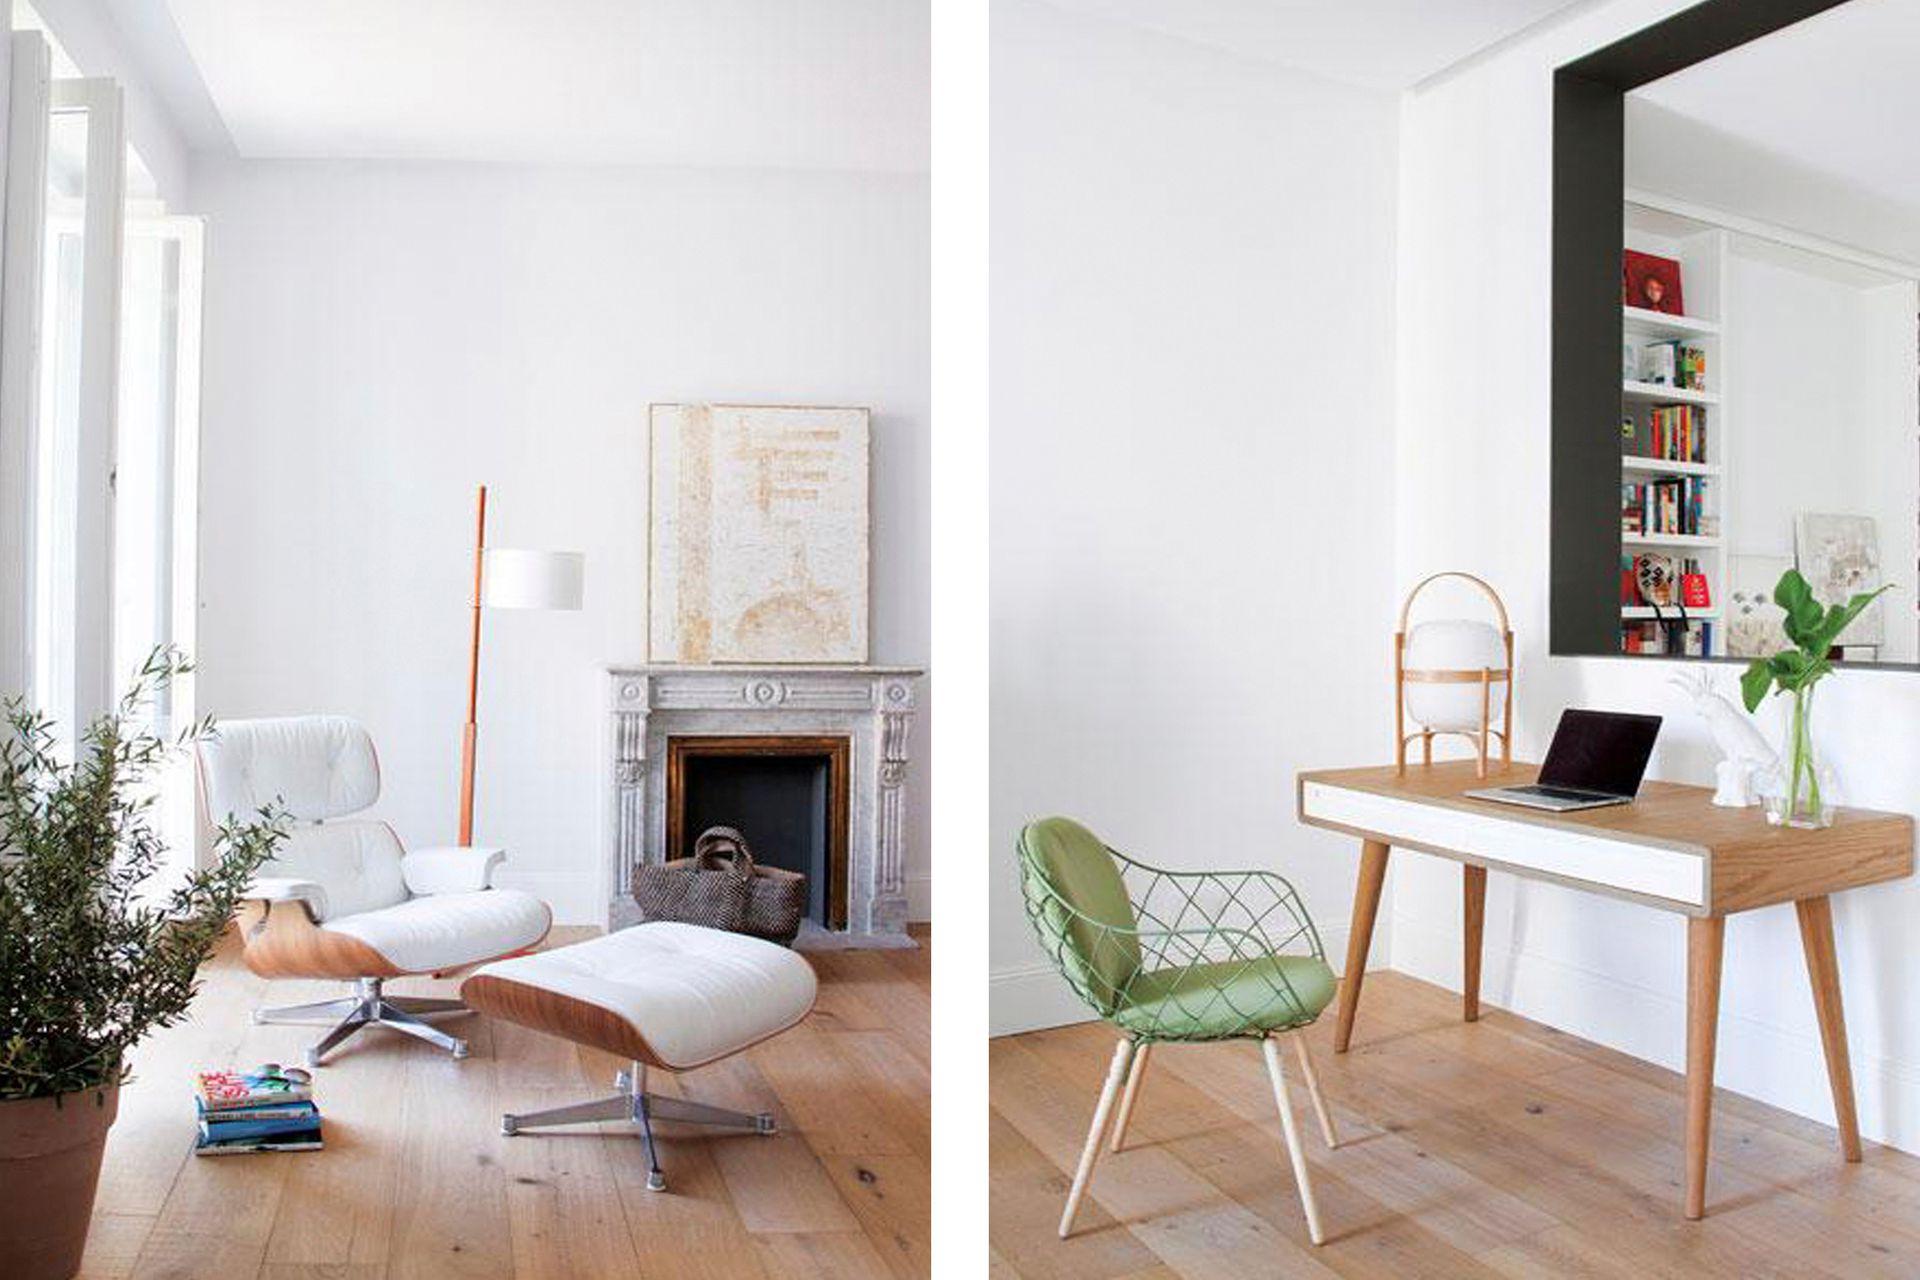 Junto a la silla con apoyapiés de Eames (Vitra), lámpara de pie 'TMM' de Miguel Milá (Santa Cole) en su variante de madera clara para seguir lo que propone el piso. Sobre el escritorio lámpara de mesa 'Cesta' (Santa Cole), otra creación de los años 60 de Miguel Milá.